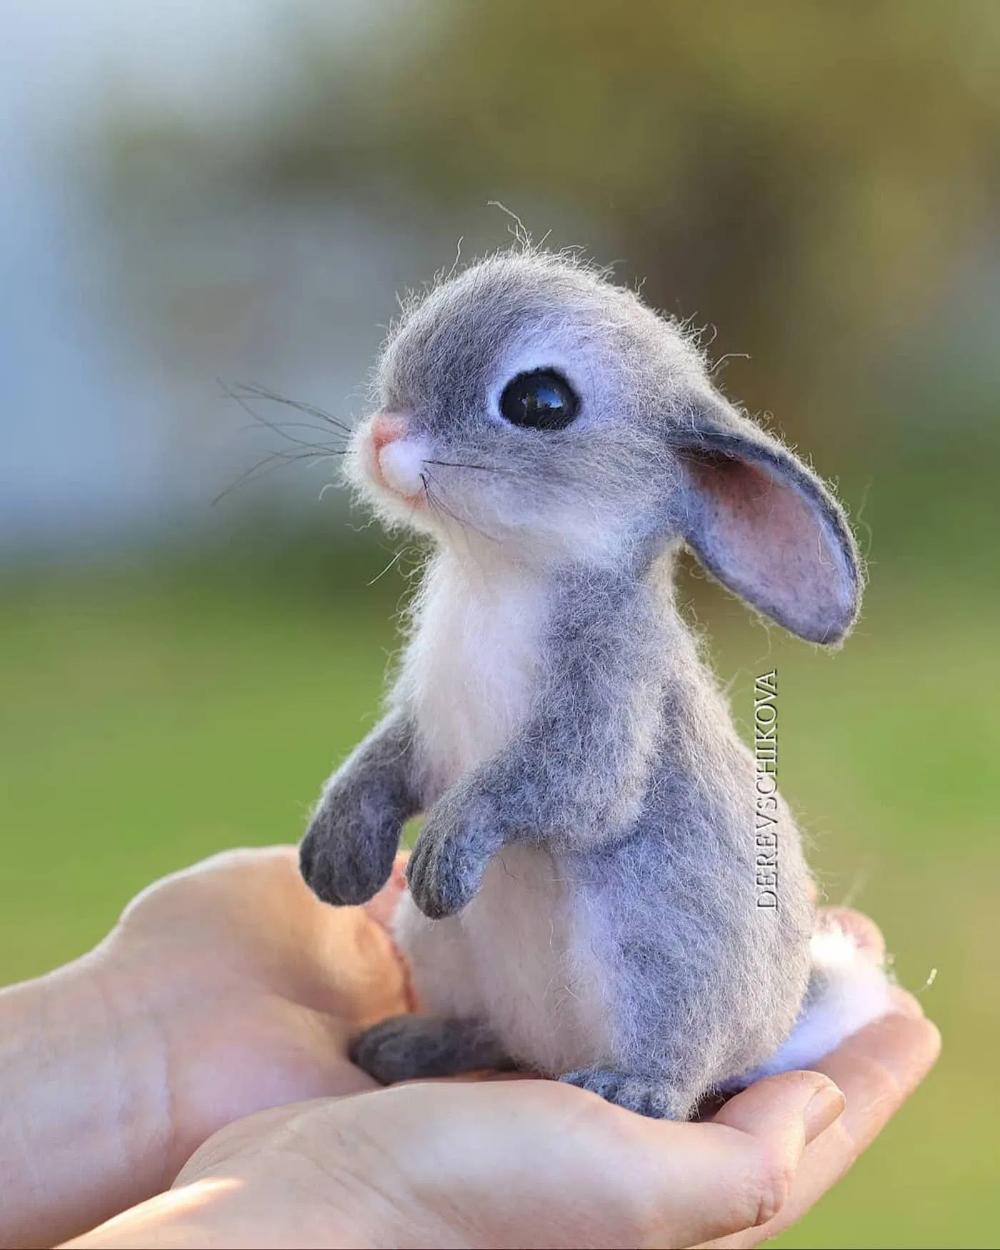 L'artiste Yulia Derevschikova crée d'adorables petits animaux réalistes avec de la laine cardée